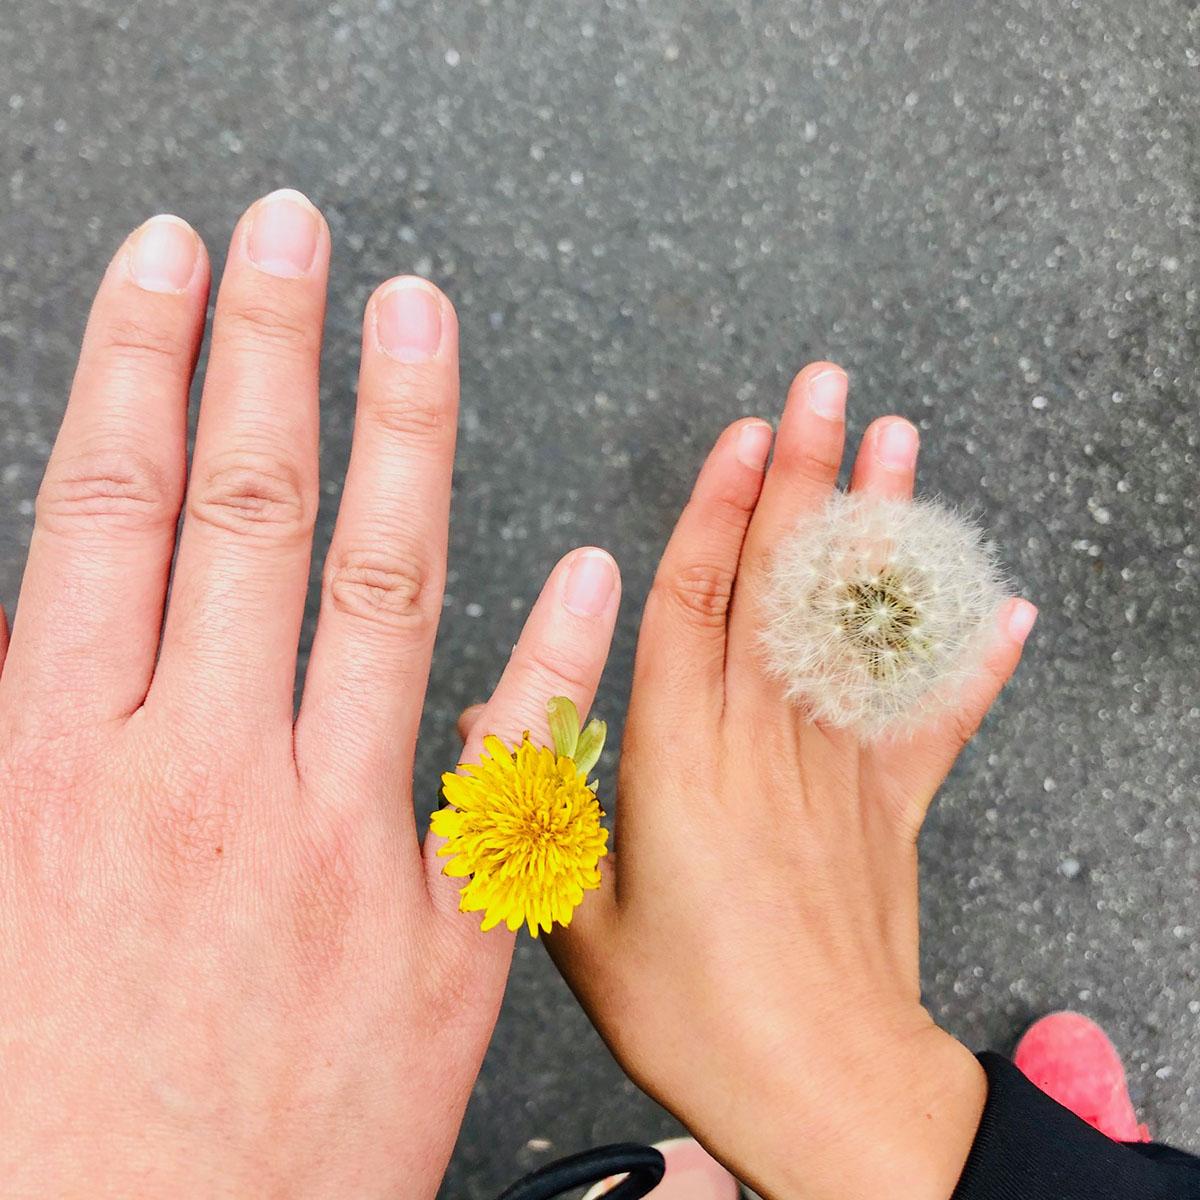 親子の手とたんぽぽの写真